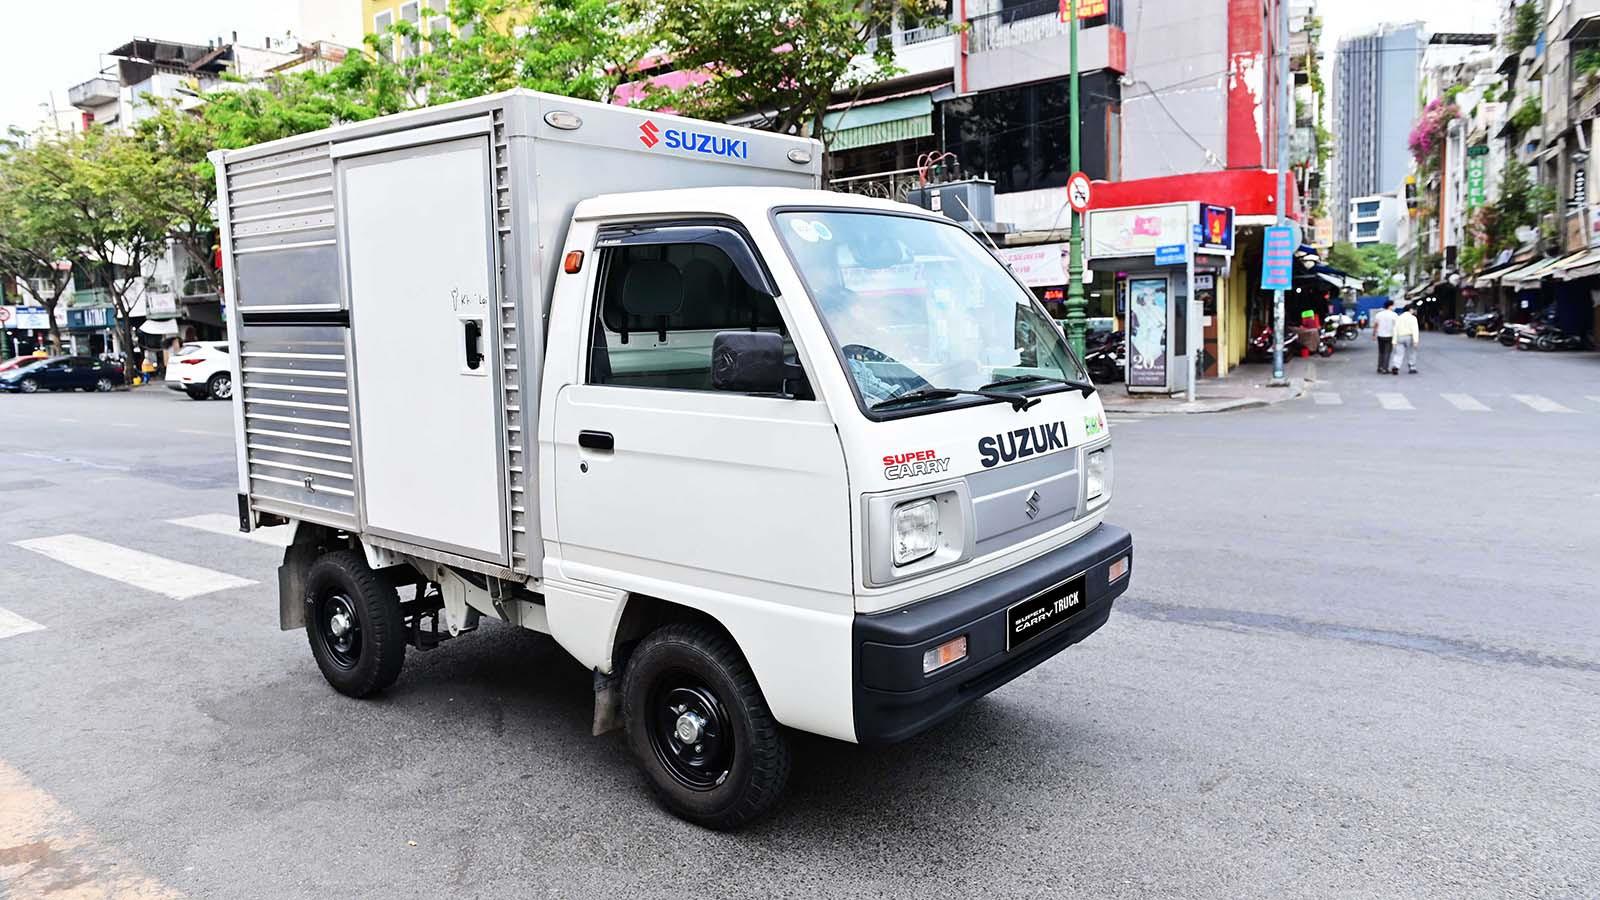 Cầm lái Suzuki Carry Truck Truck, bác tài có thể vận chuyển linh hoạt, dễ dàng trong đô thị đông đúc hay ngõ hẹp nhờ bán kính vòng quay tối thiểu chỉ 4.1m